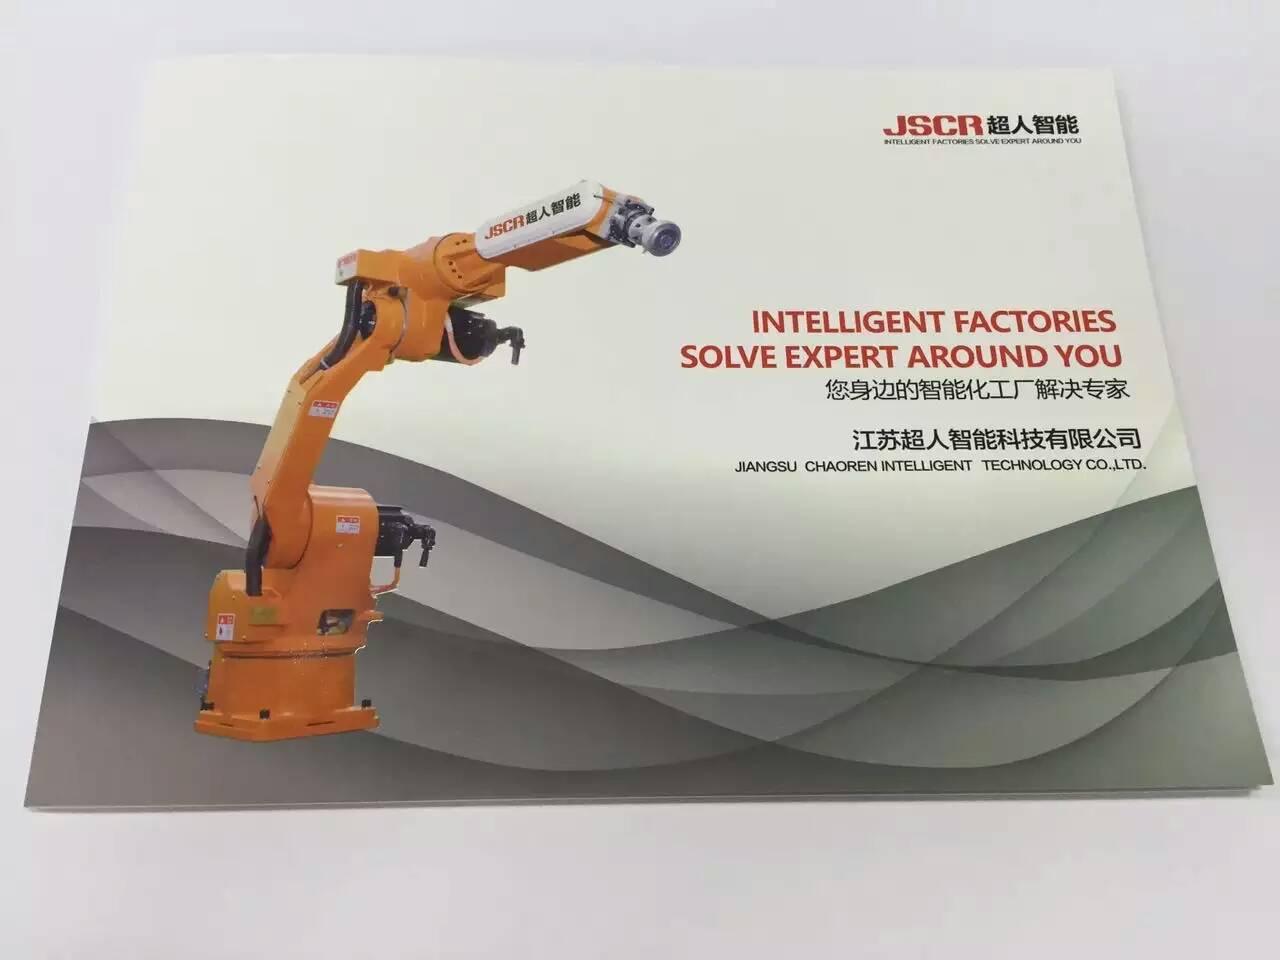 江苏超人智能科技宣传画册设计印刷完成!大货已经物流。